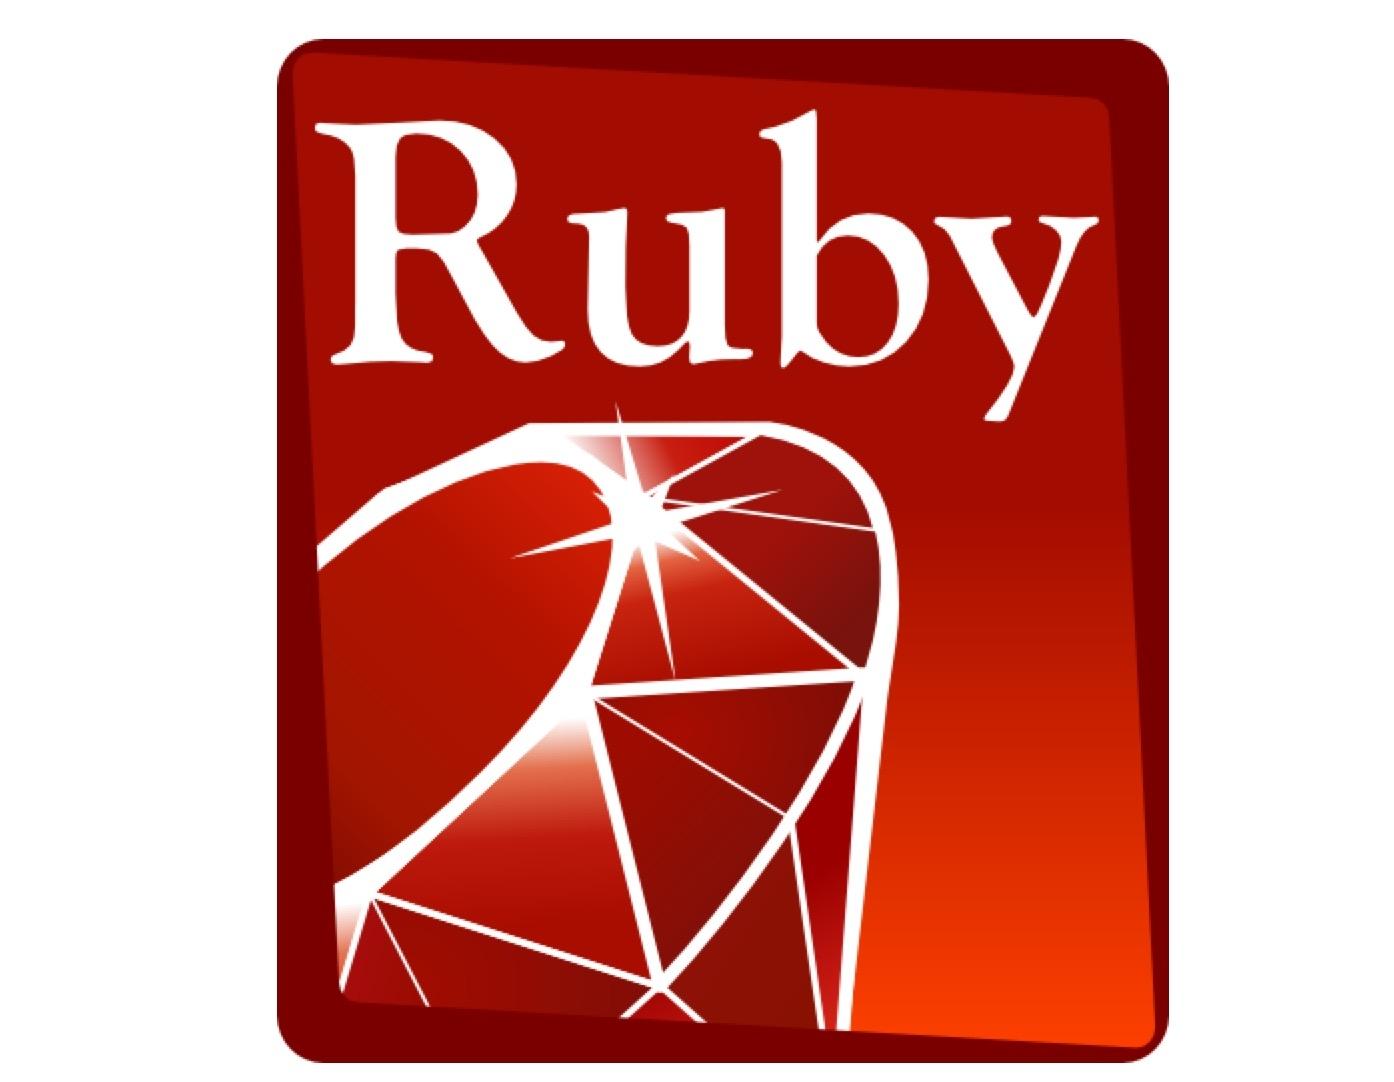 Ruby (一种面向对象程序设计的脚本语言)